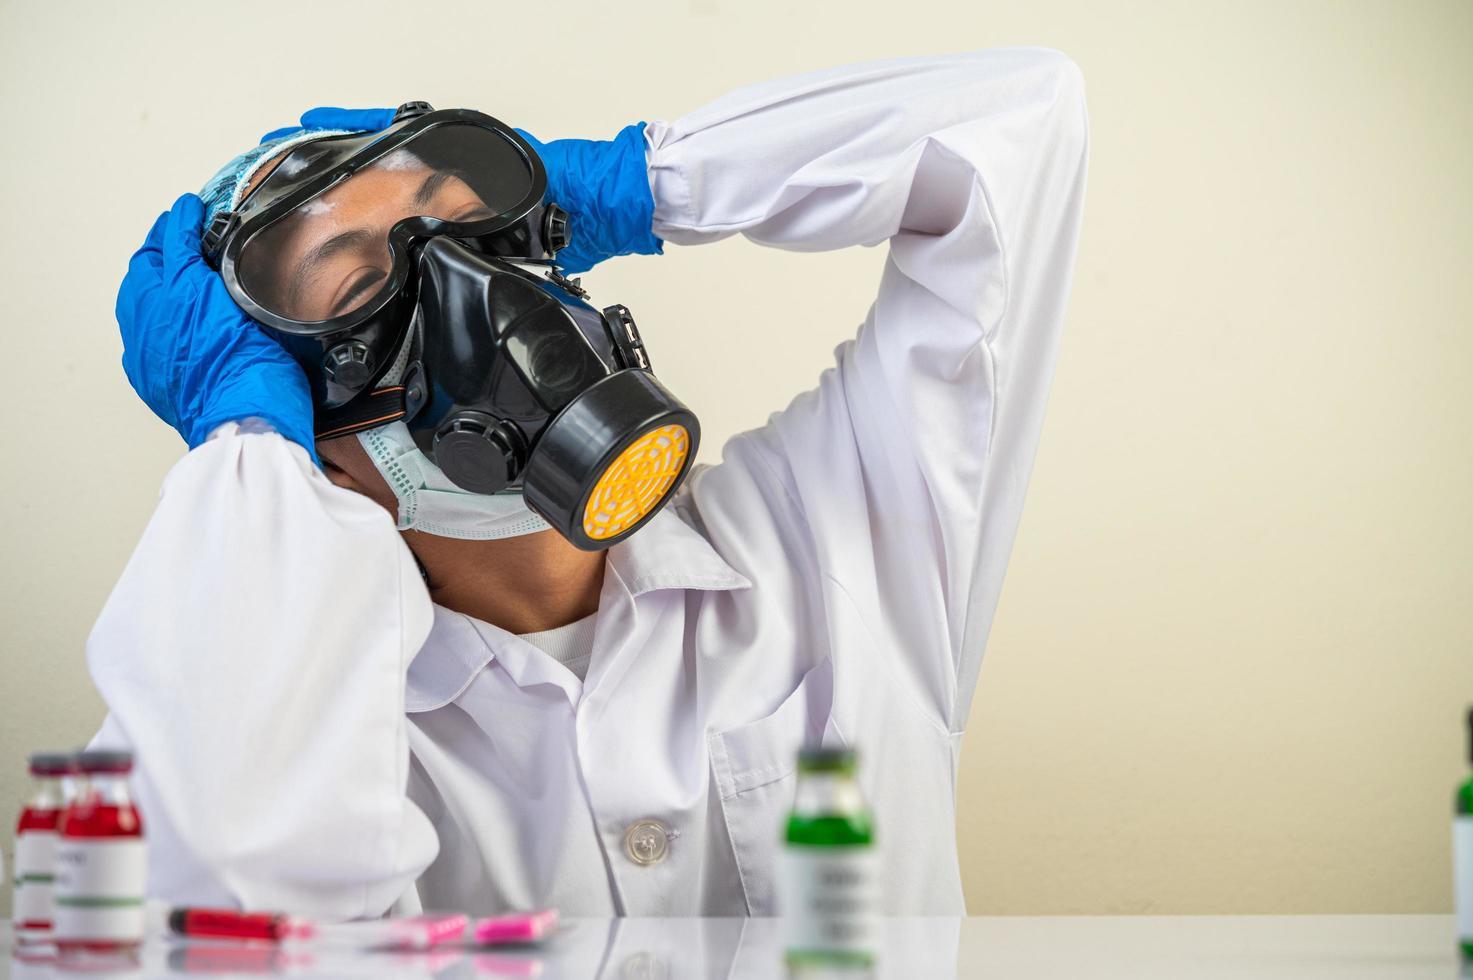 cientista usando luvas e segurando copos foto